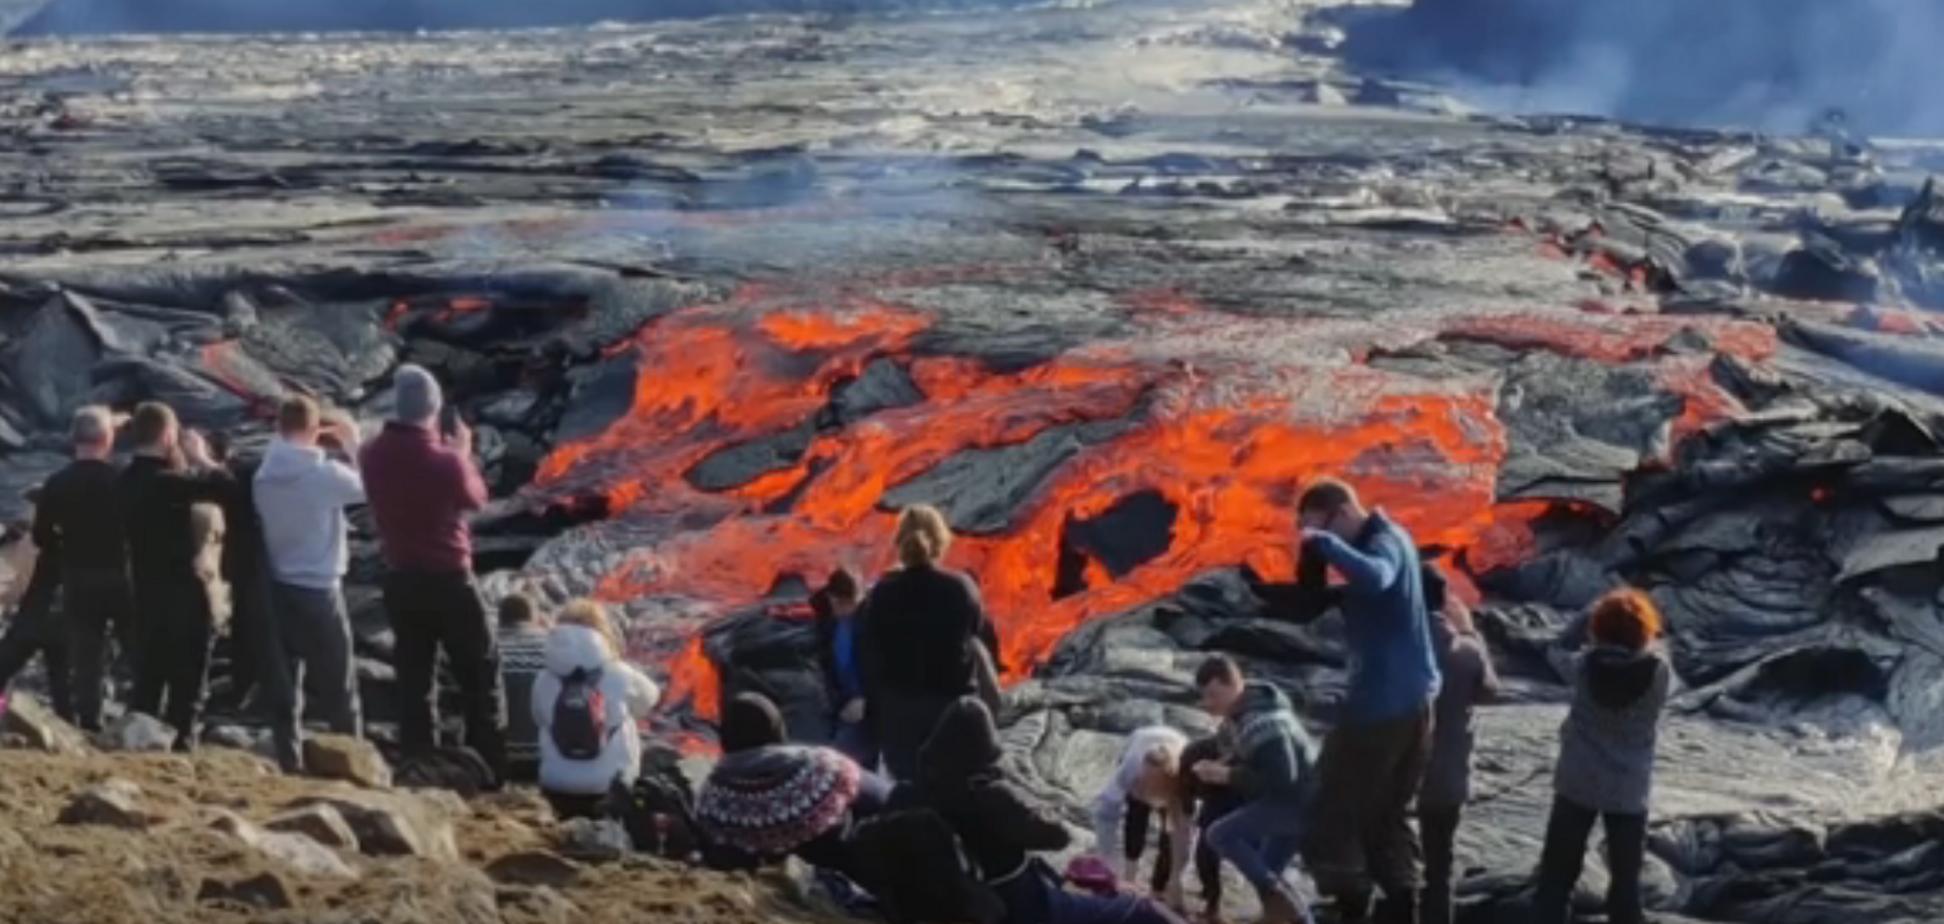 Розвага по-ісландськи: тисячі людей спостерігали за виверженням вулкана